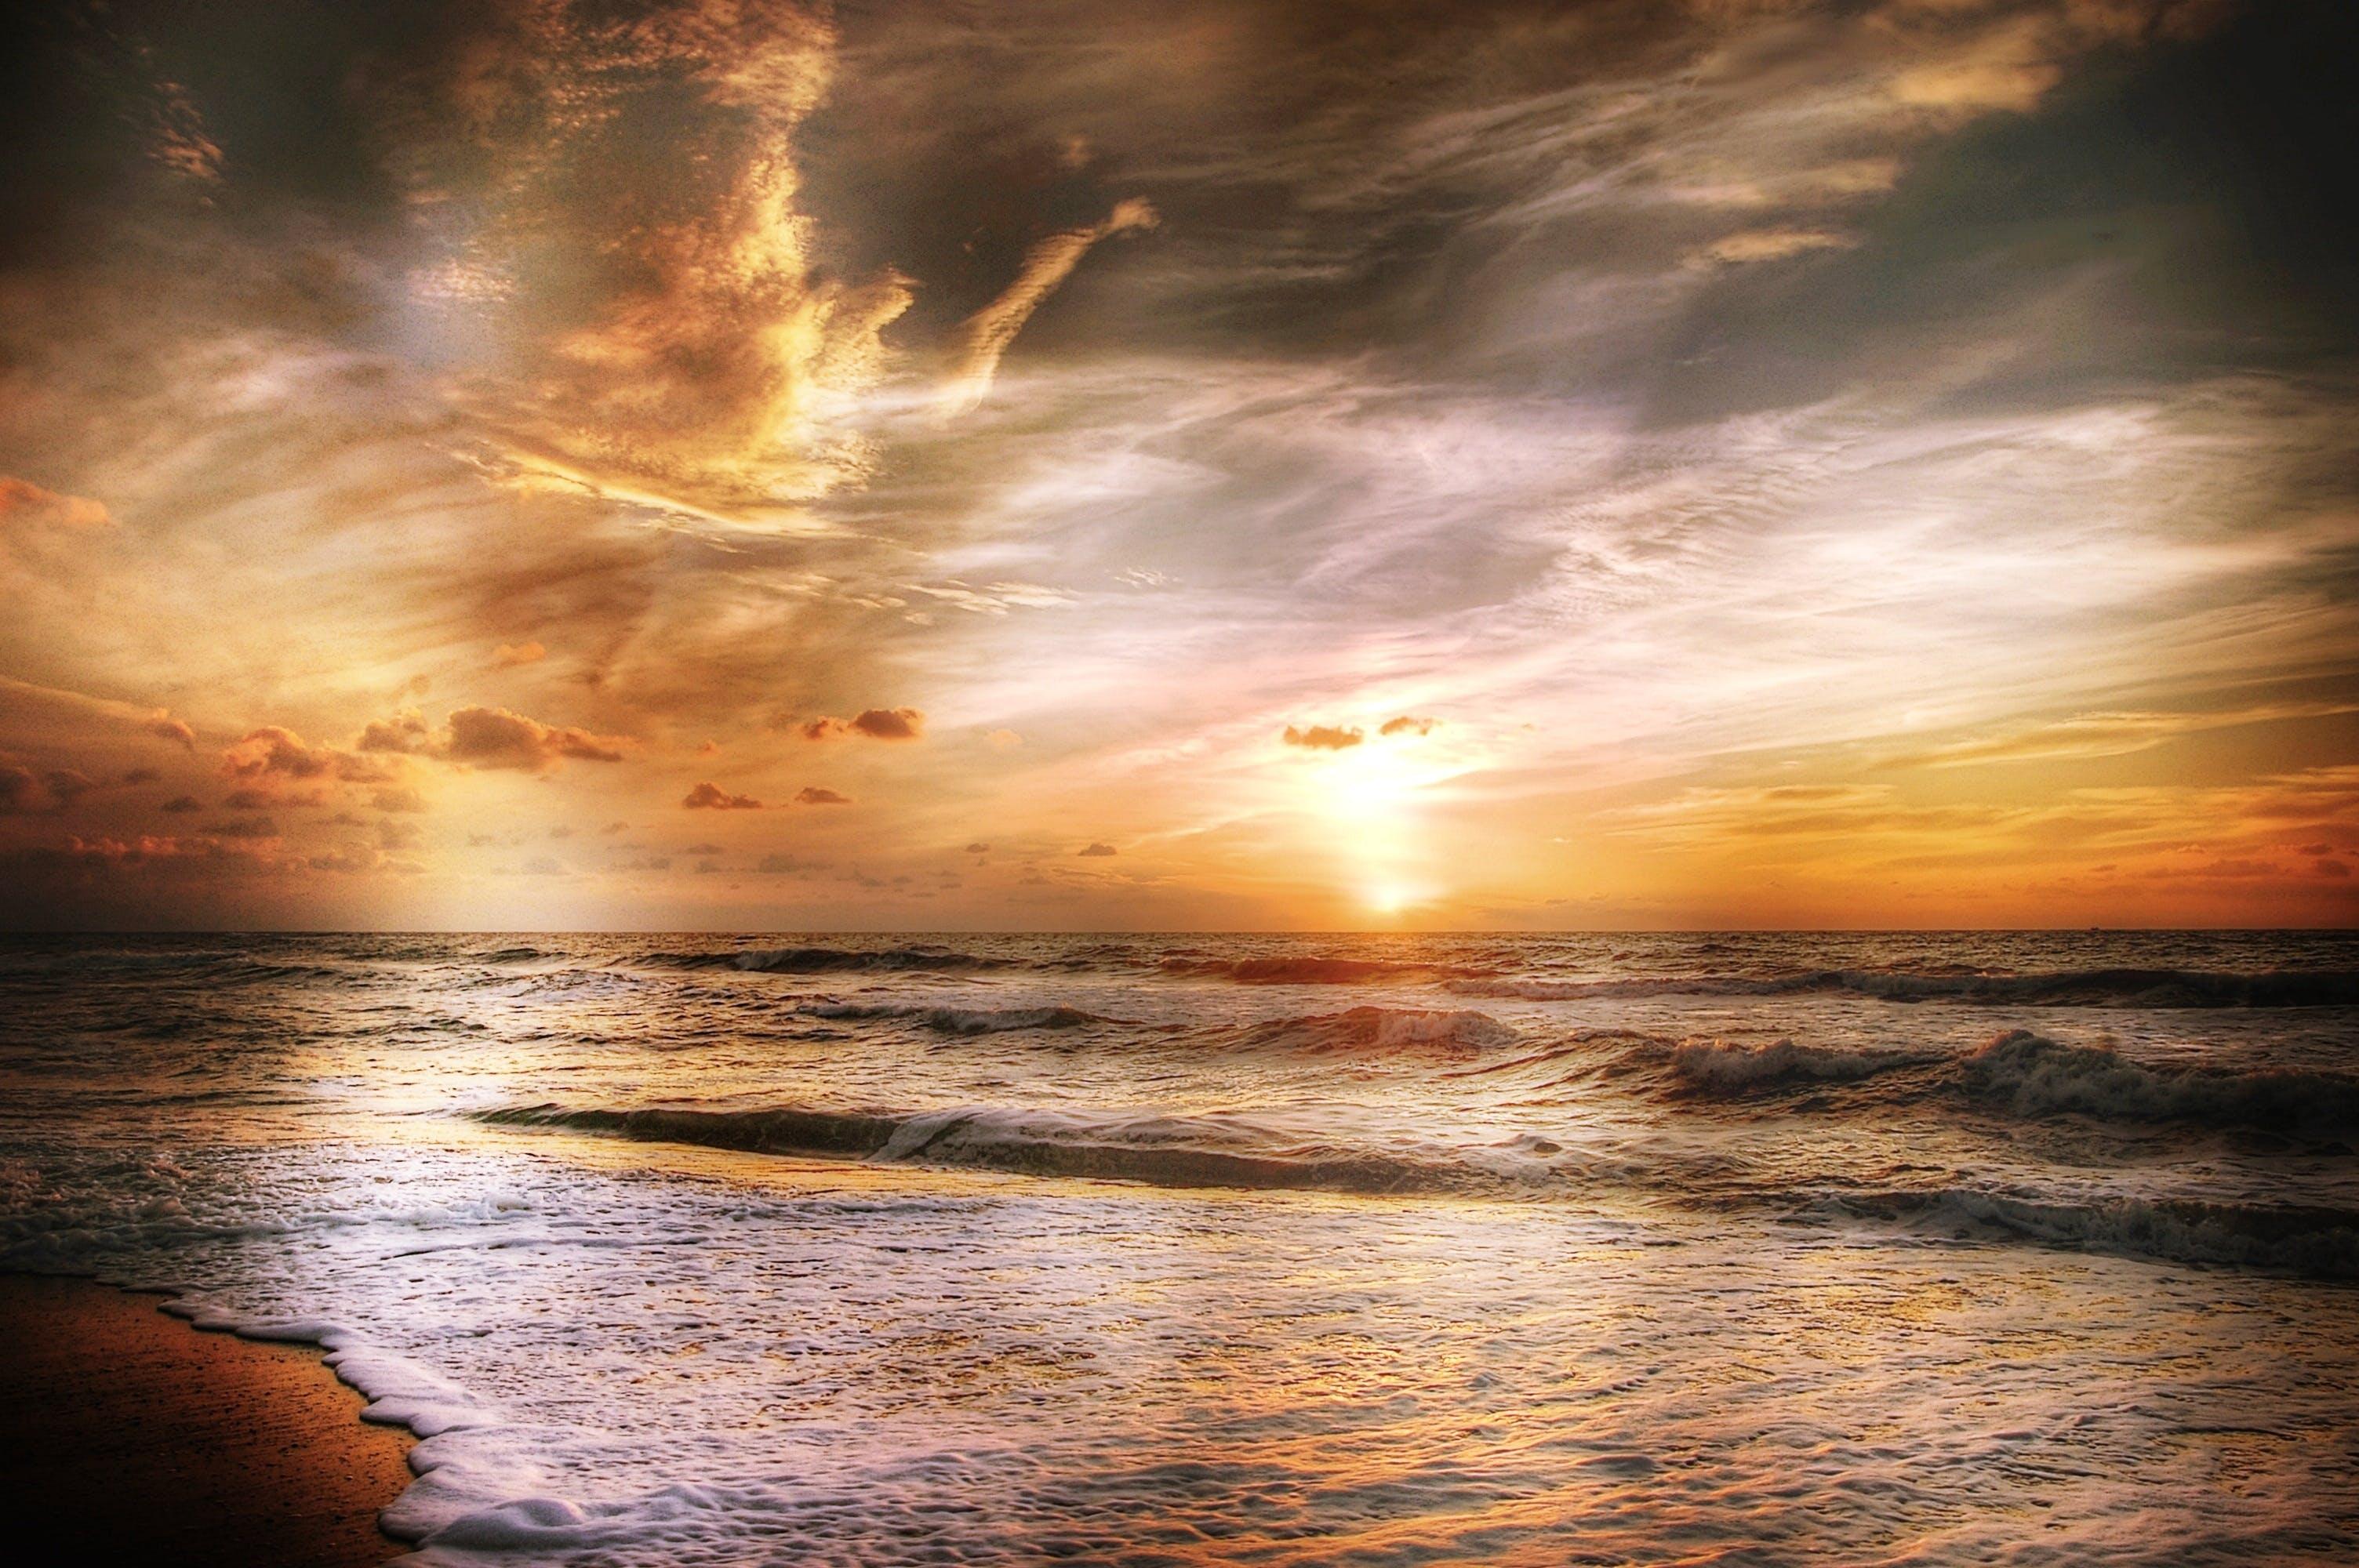 afterglow, away, beach